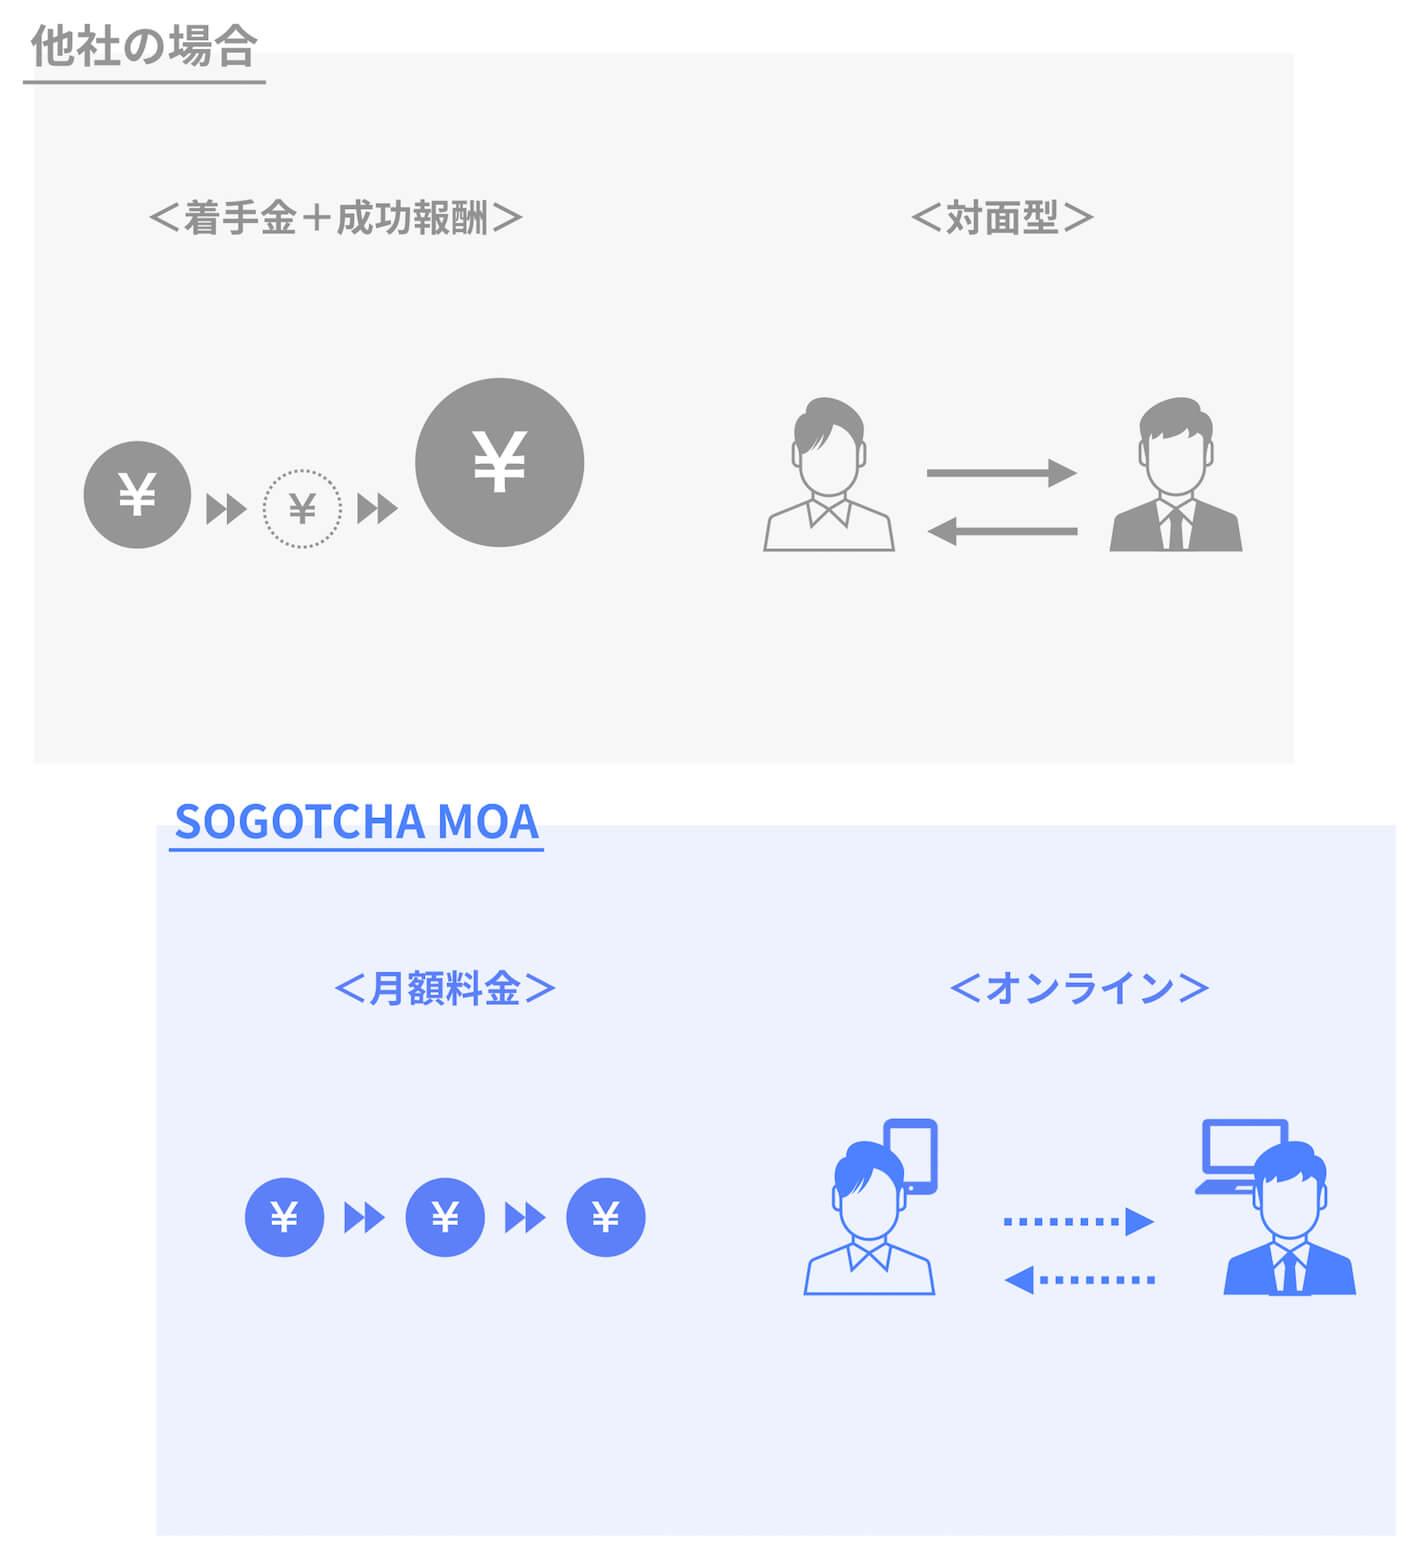 月額制オンラインM&Aアドバイザリーサービス